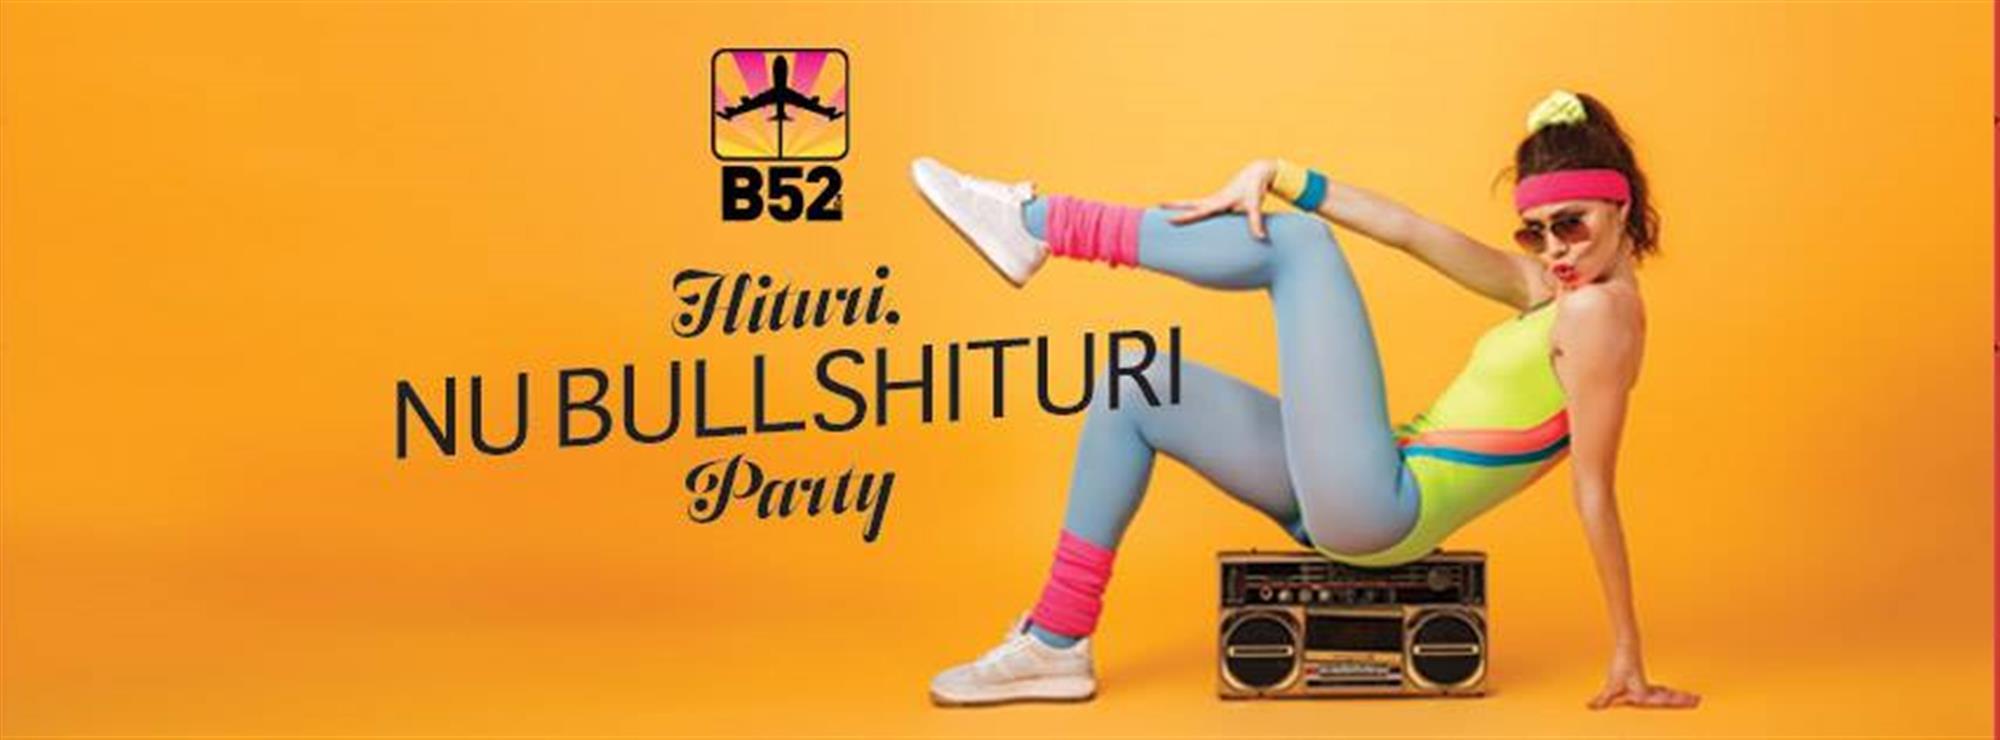 Hituri, NU Bulls hituri Party at club B52